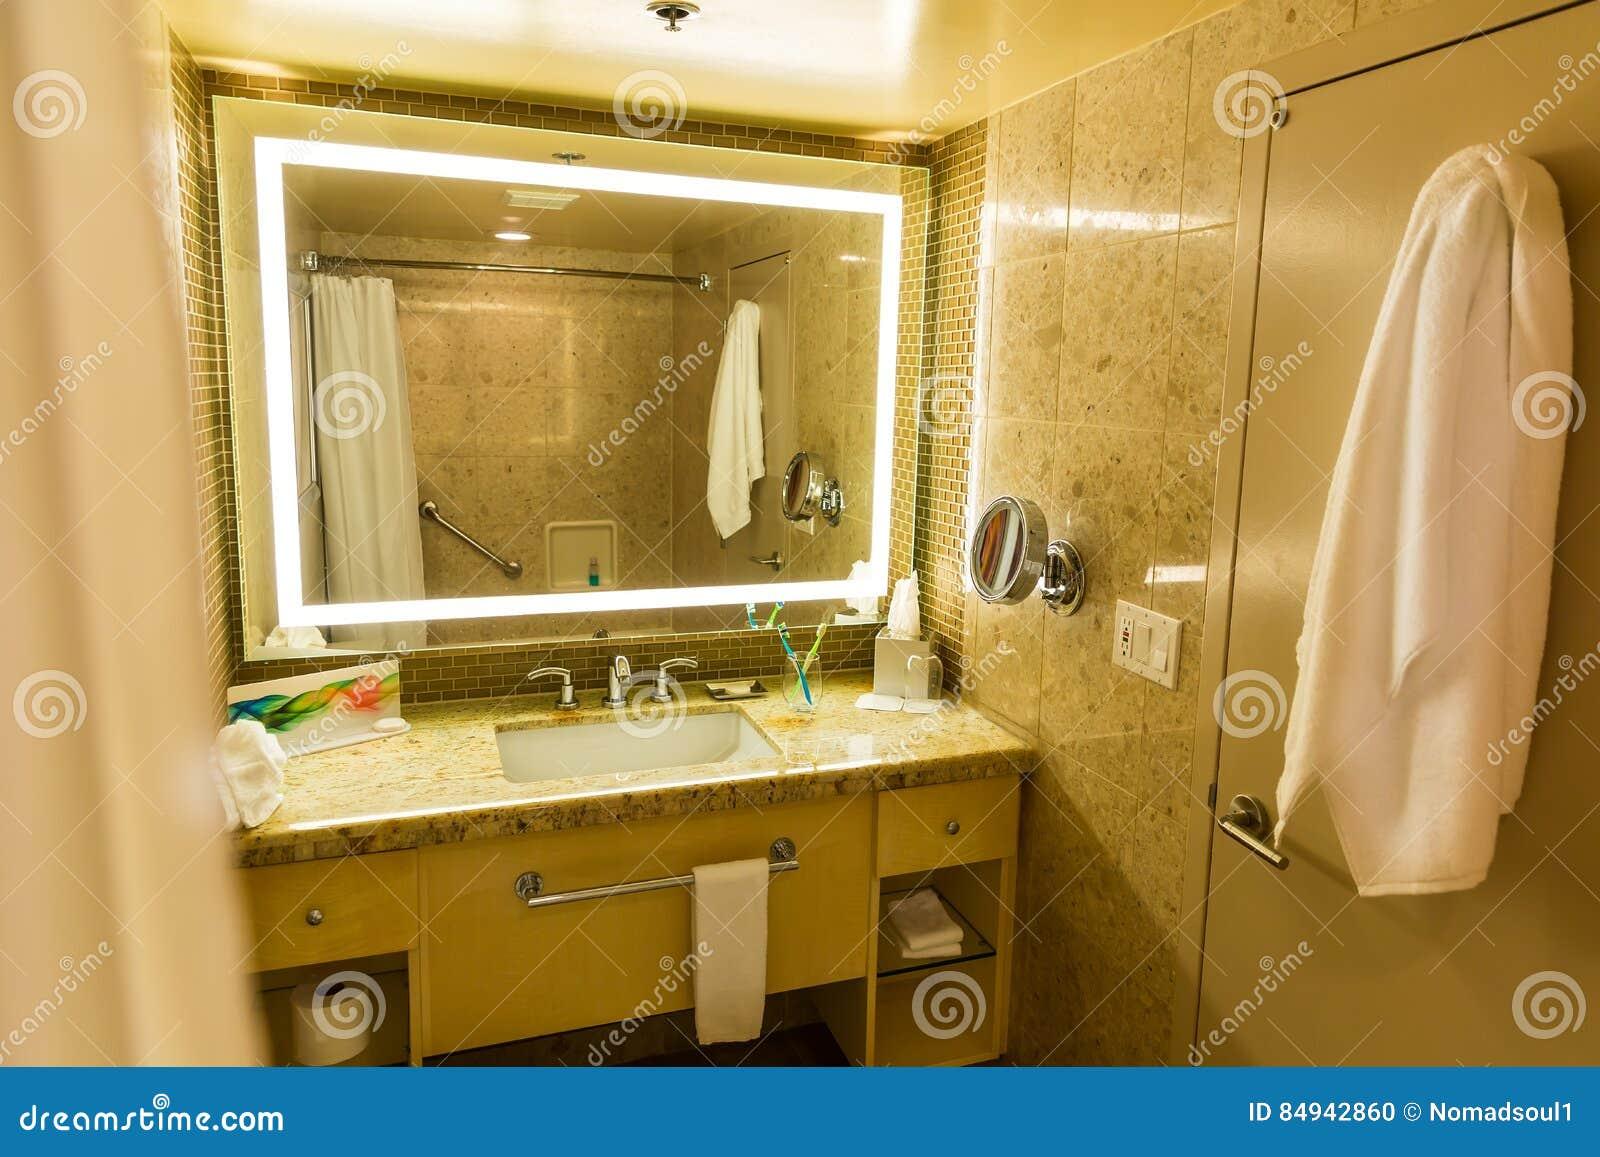 Intérieur De Luxe De Salle De Bains Ou De Toilette D Hôtel